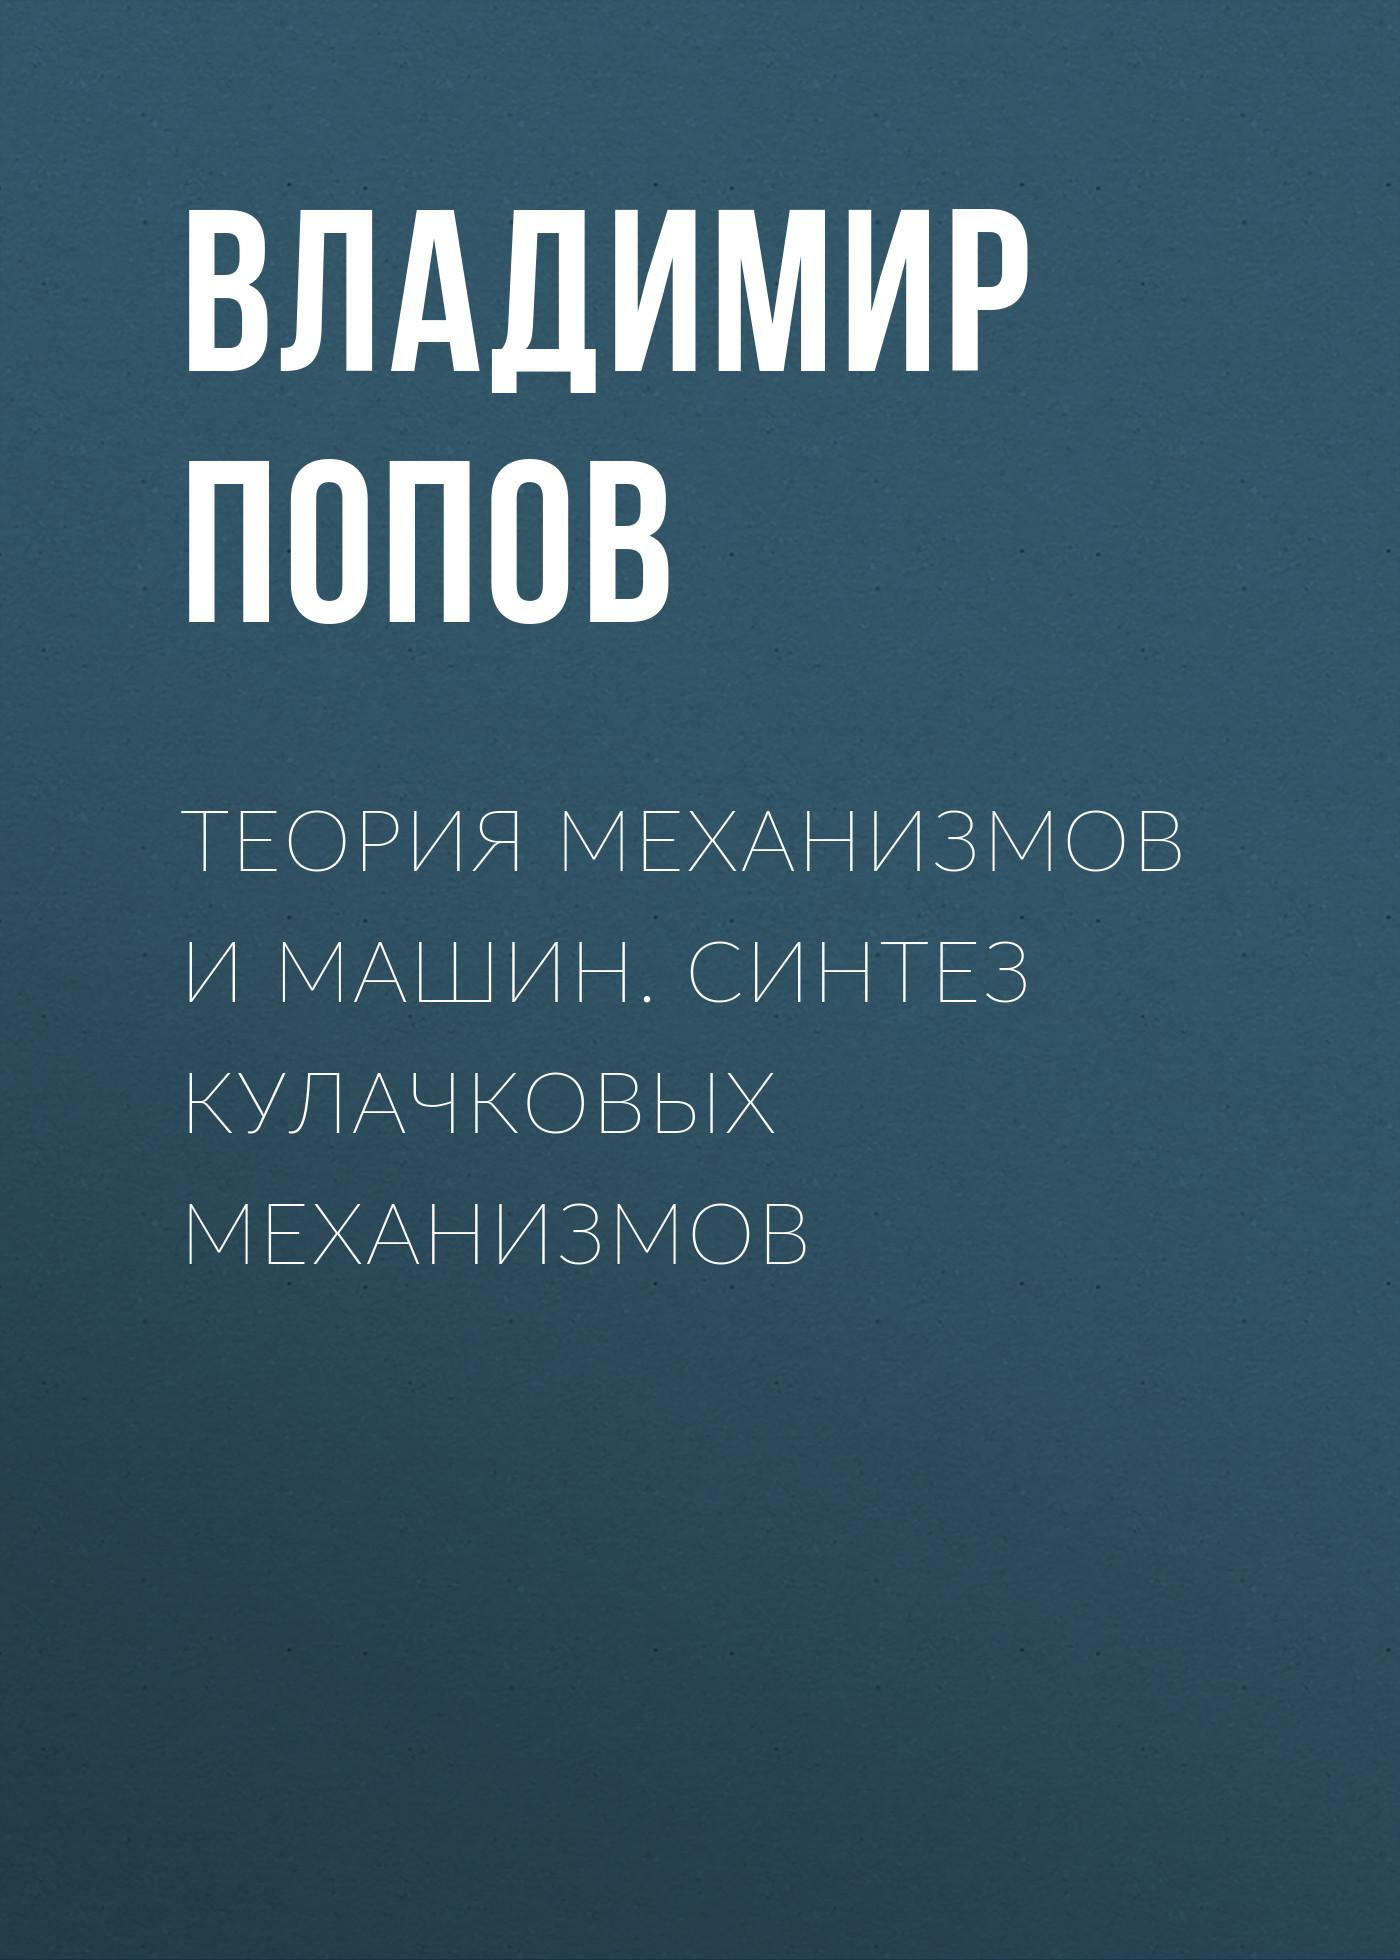 Владимир Попов Теория механизмов и машин. Синтез кулачковых механизмов